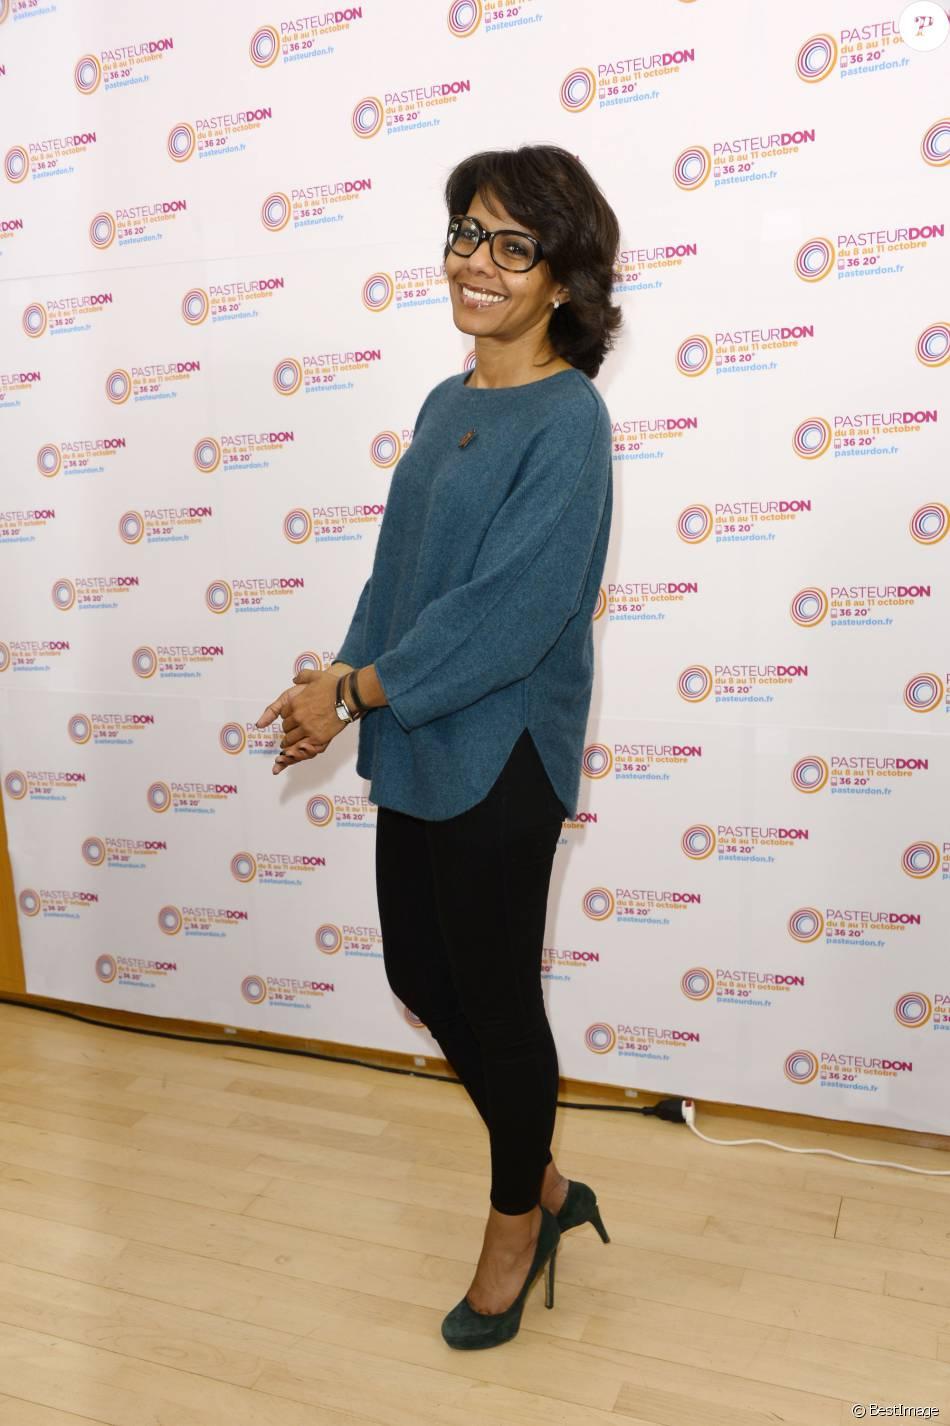 """Audrey Pulvar - Lancement du """"Pasteurdon"""", soutenu par les animateurs de la TNT et des radios à l'Institut Pasteur à Paris le 7 octobre 2015"""